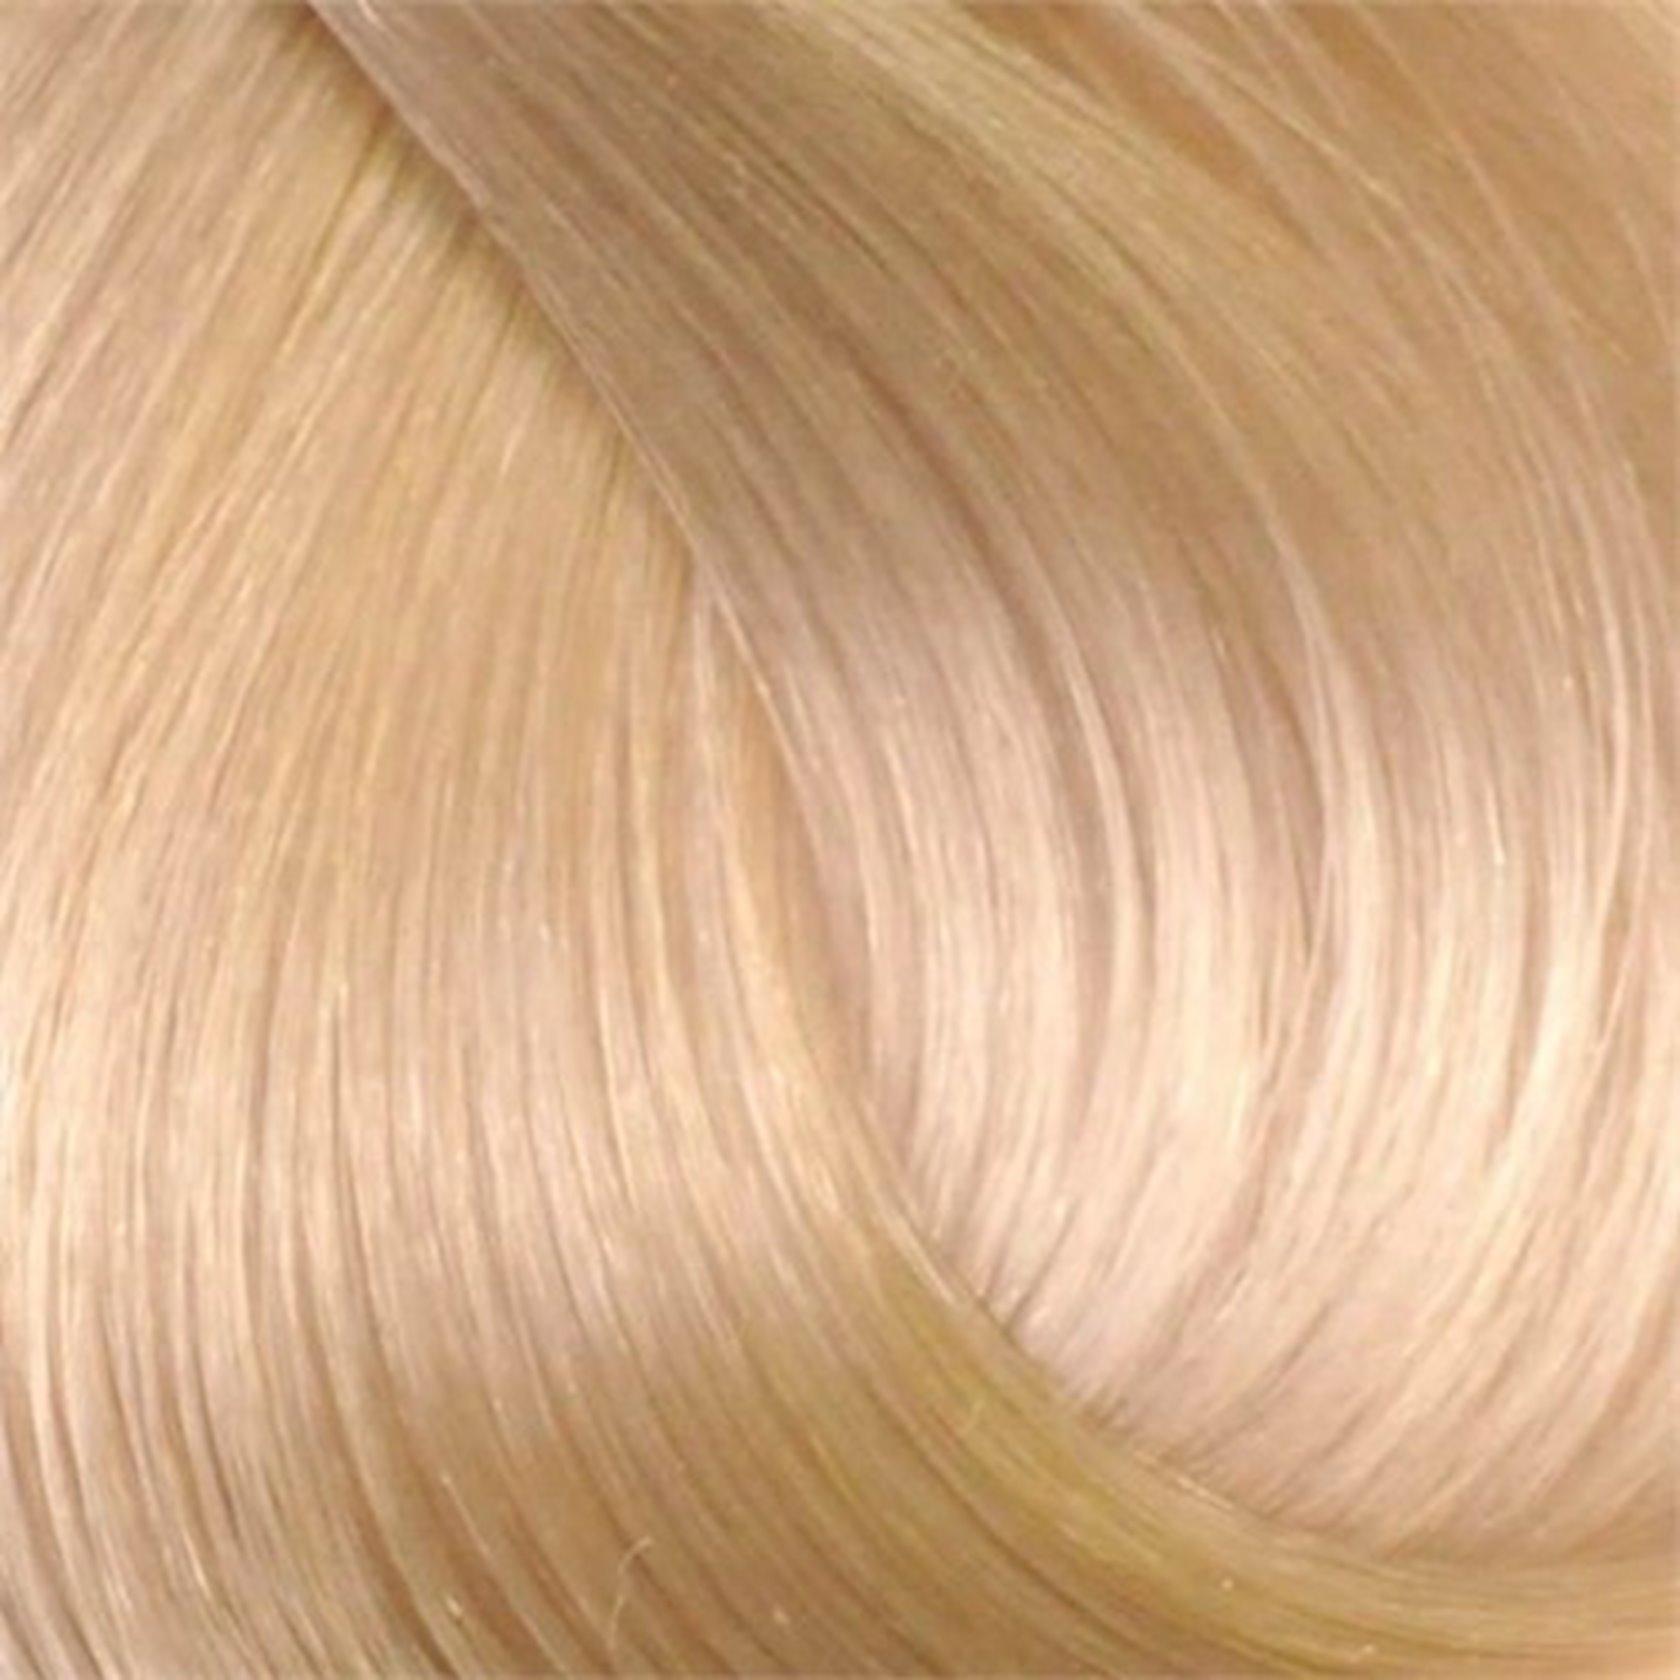 Saç üçün qalıcı krem boya Exicolor Permanent Hair Color Cream 100 ml №1001 Ekstra Küllü Açık Sarı, Ekstra kül açıq sarı